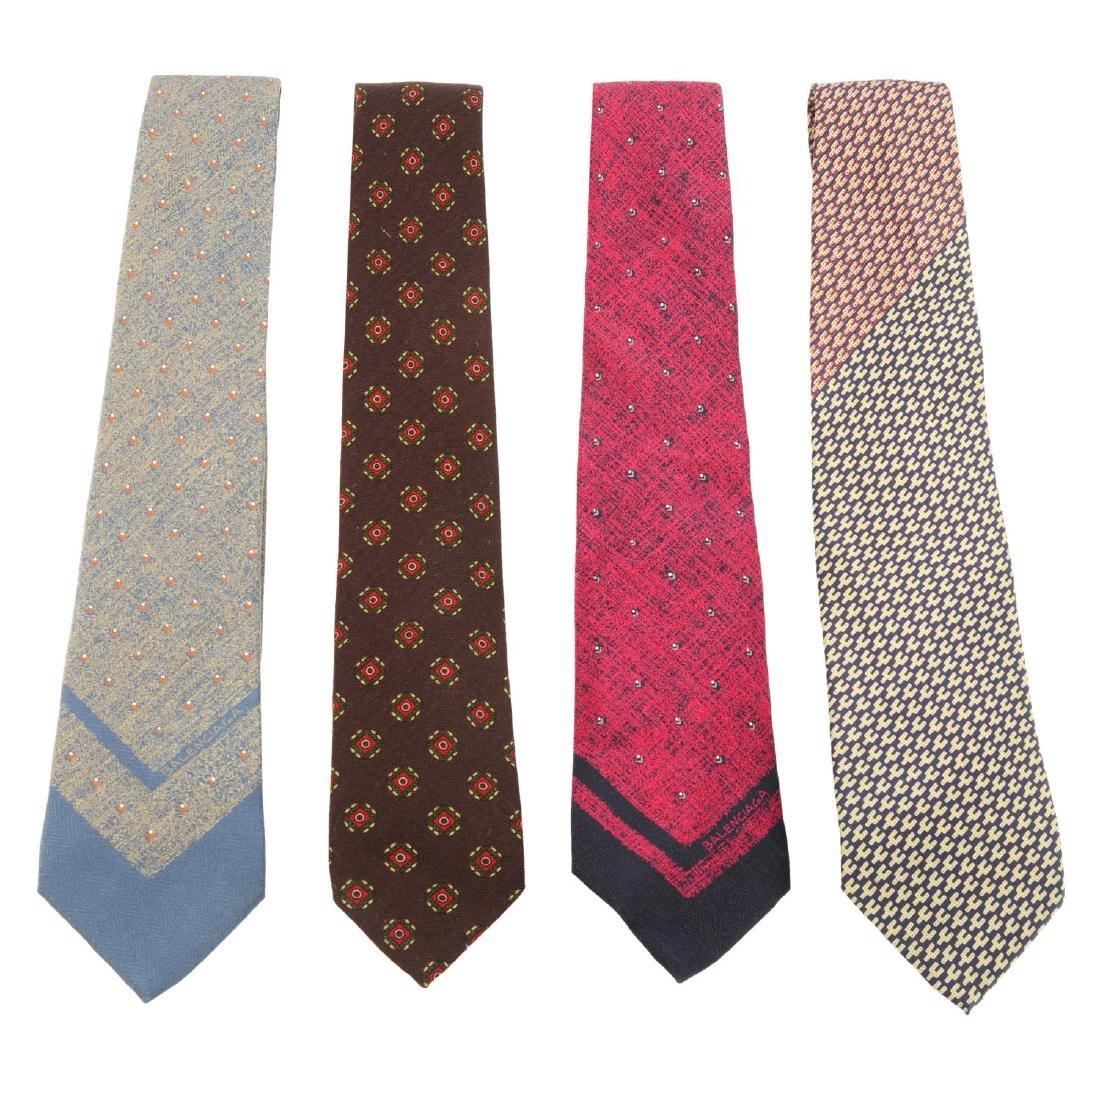 BALENCIAGA - six ties. To include a dark grey silk tie